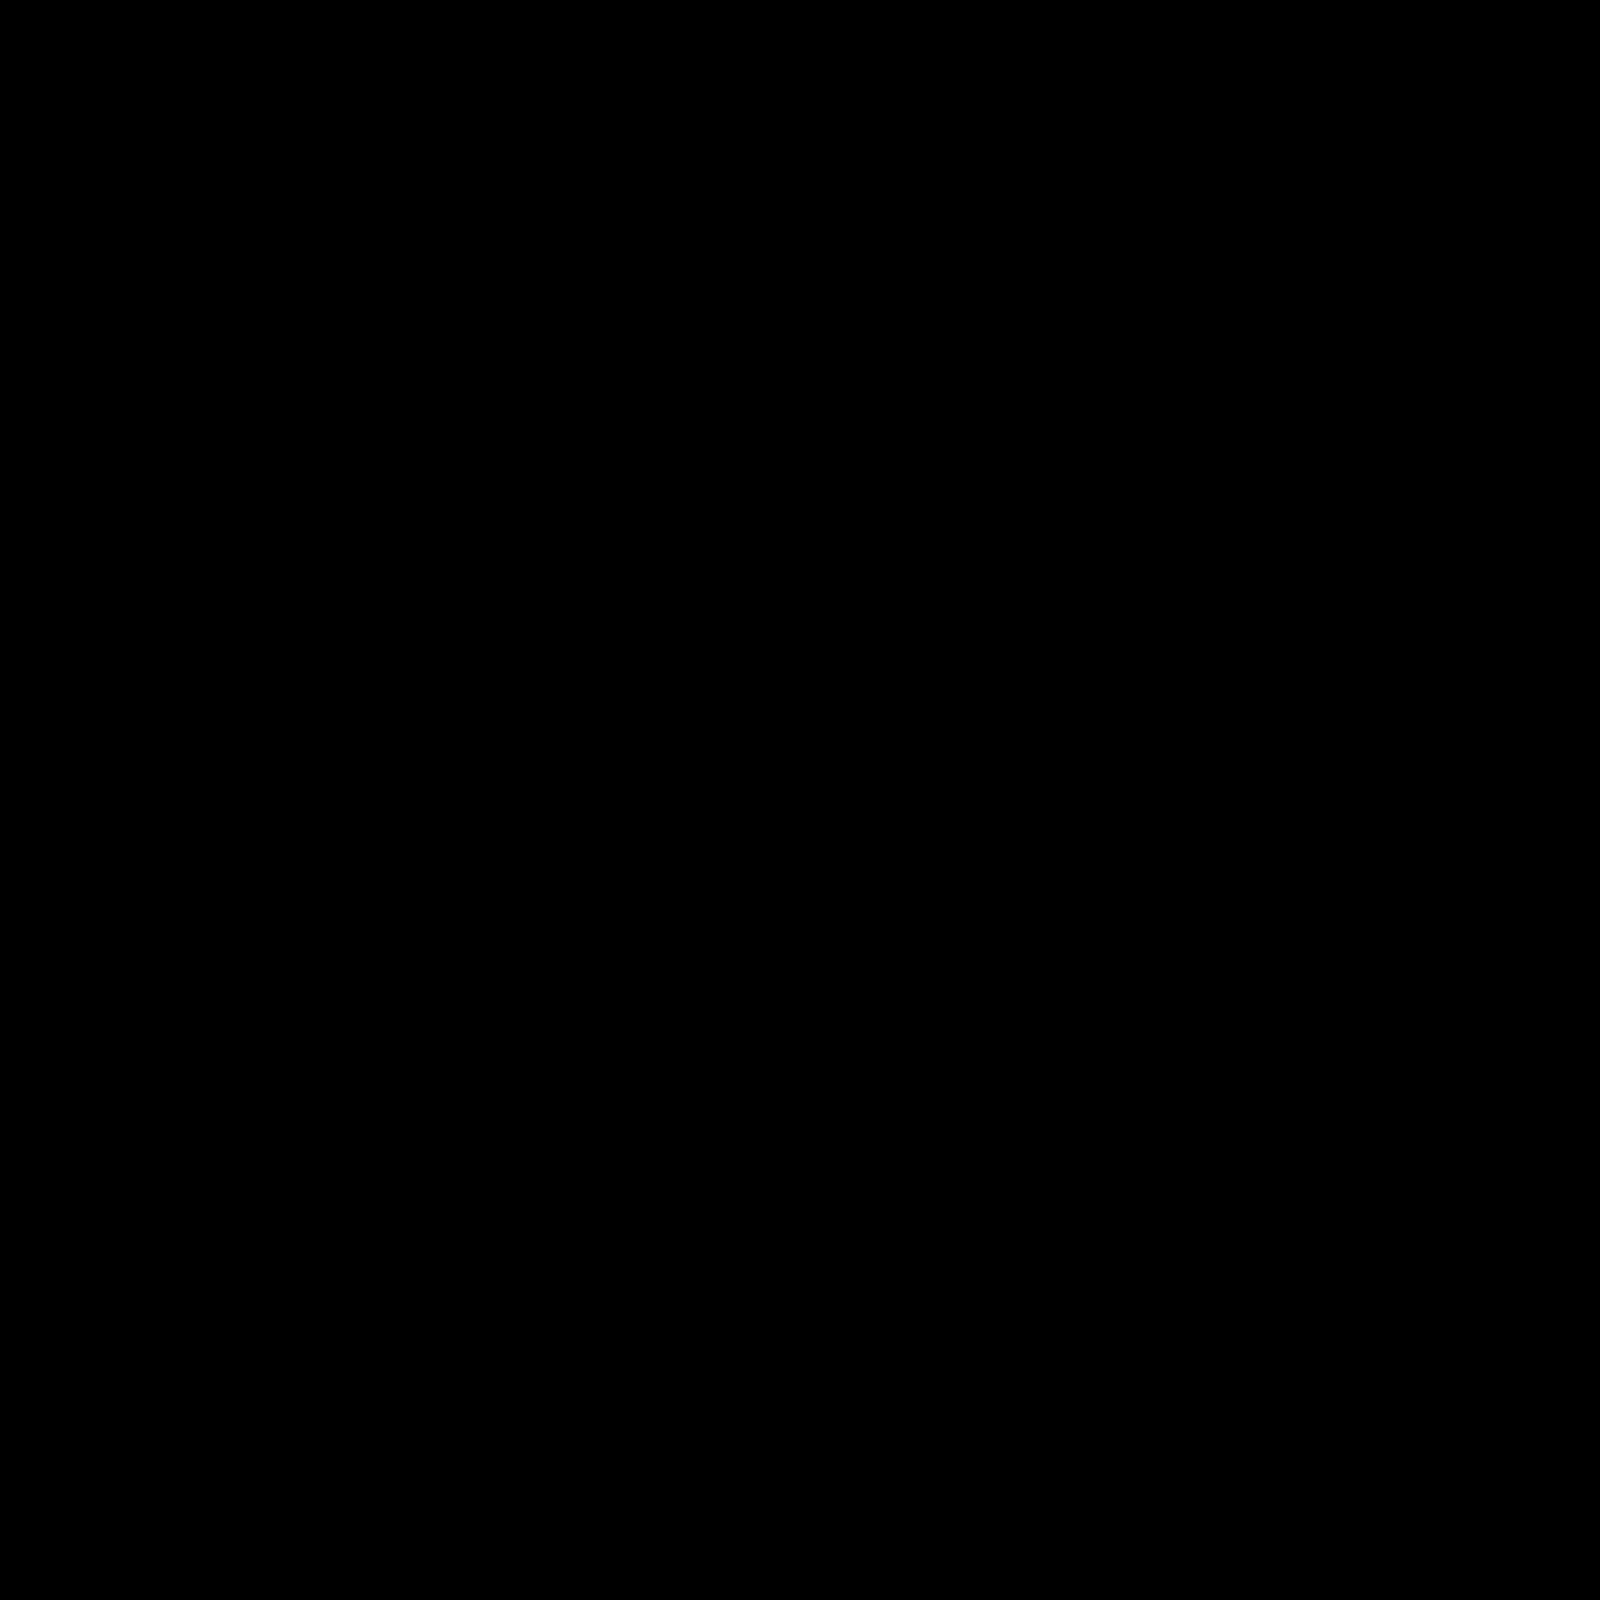 Kensington Lock icon